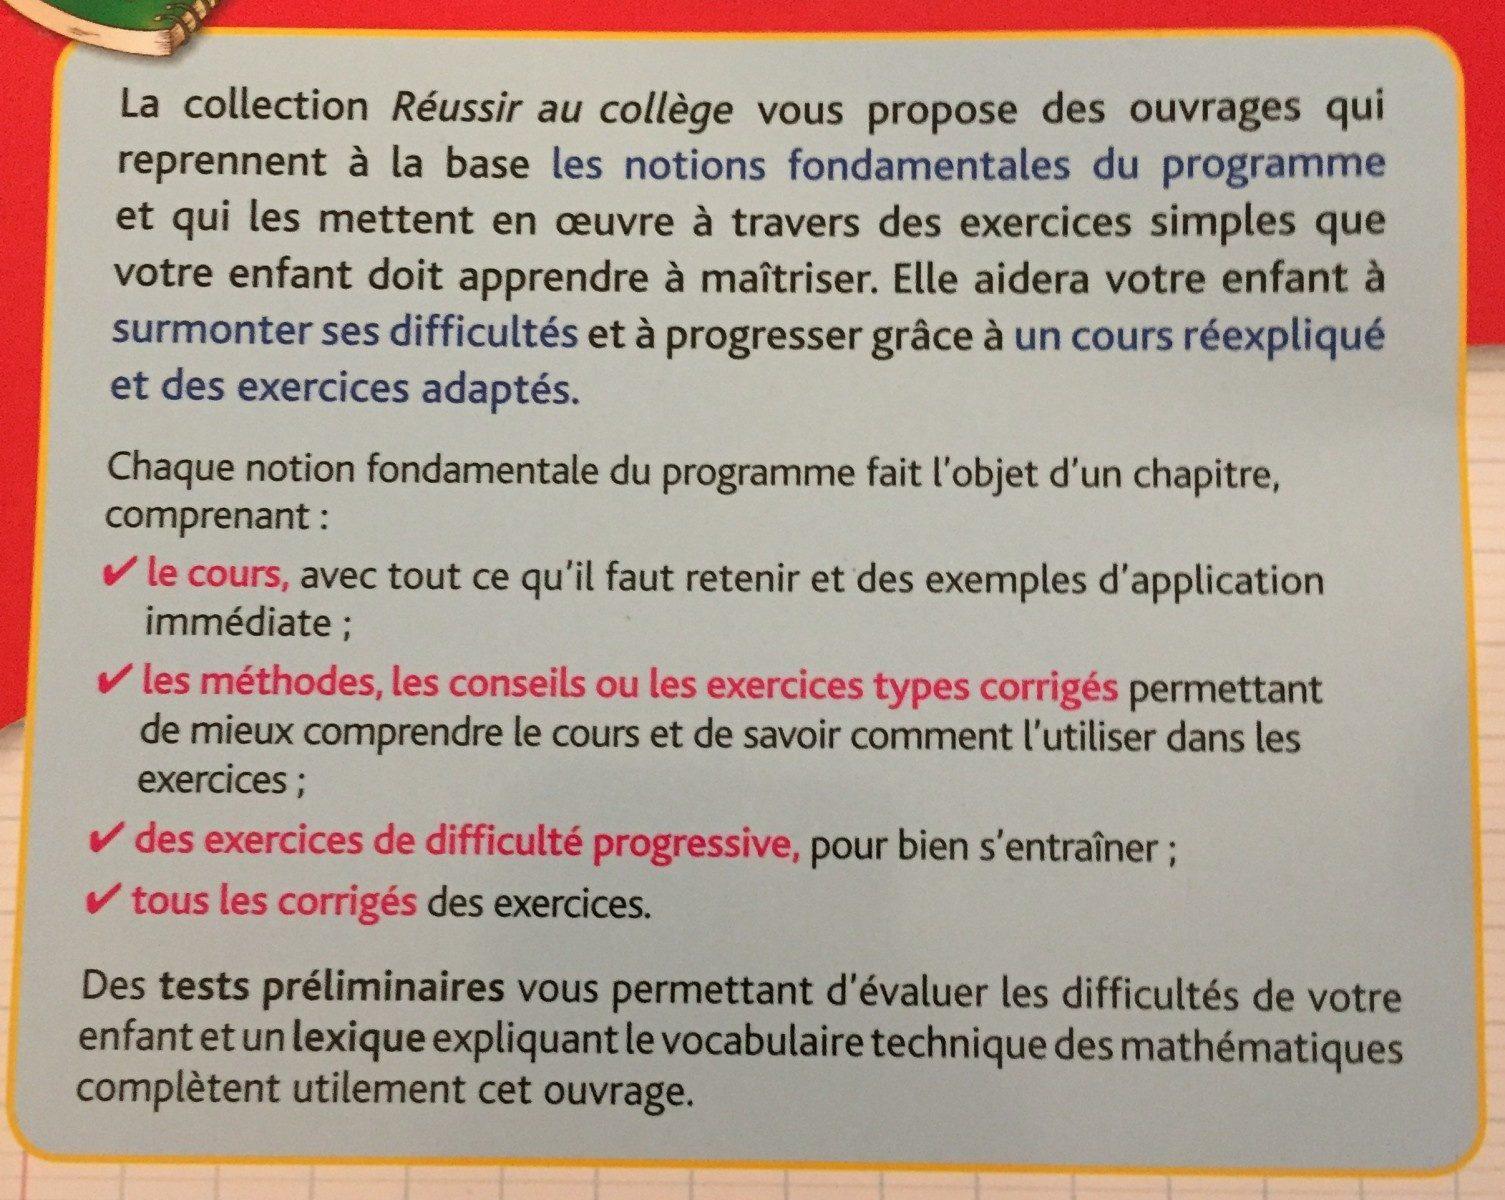 Reussir college maths 5eme - Ingredients - fr